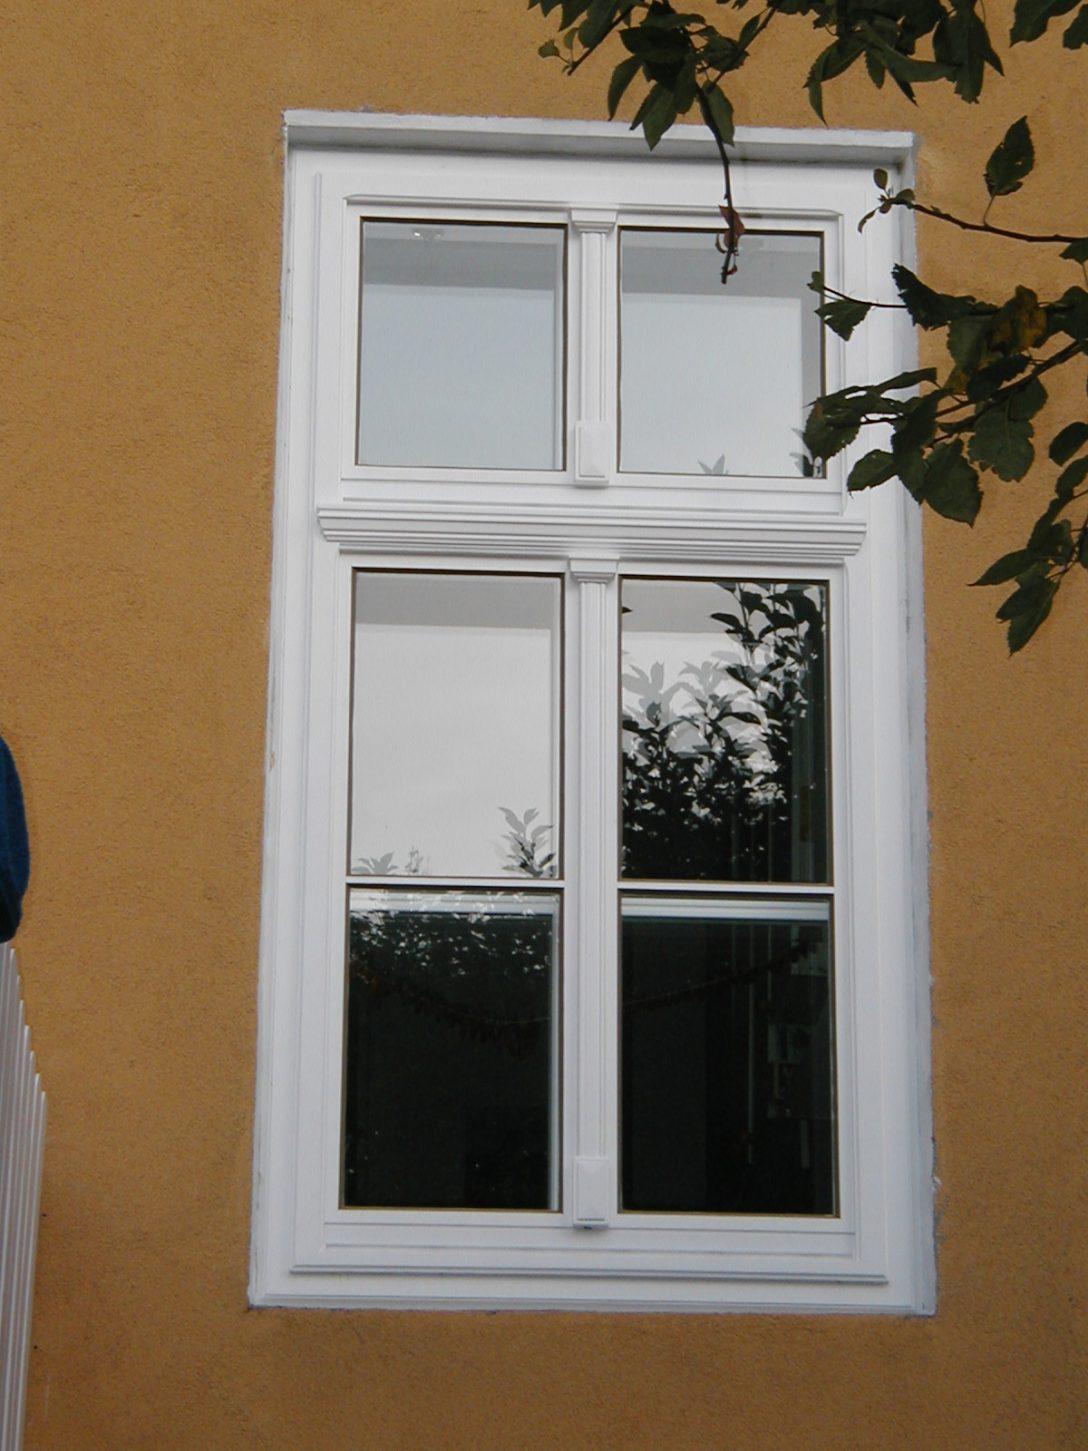 Large Size of Fenster Tauschen Trika Drehkipp Kastenfenster Das Ultimative Althaus Neue Einbauen Standardmaße Sonnenschutz Außen Drutex Fliegengitter Rahmenlose Mit Fenster Fenster Tauschen